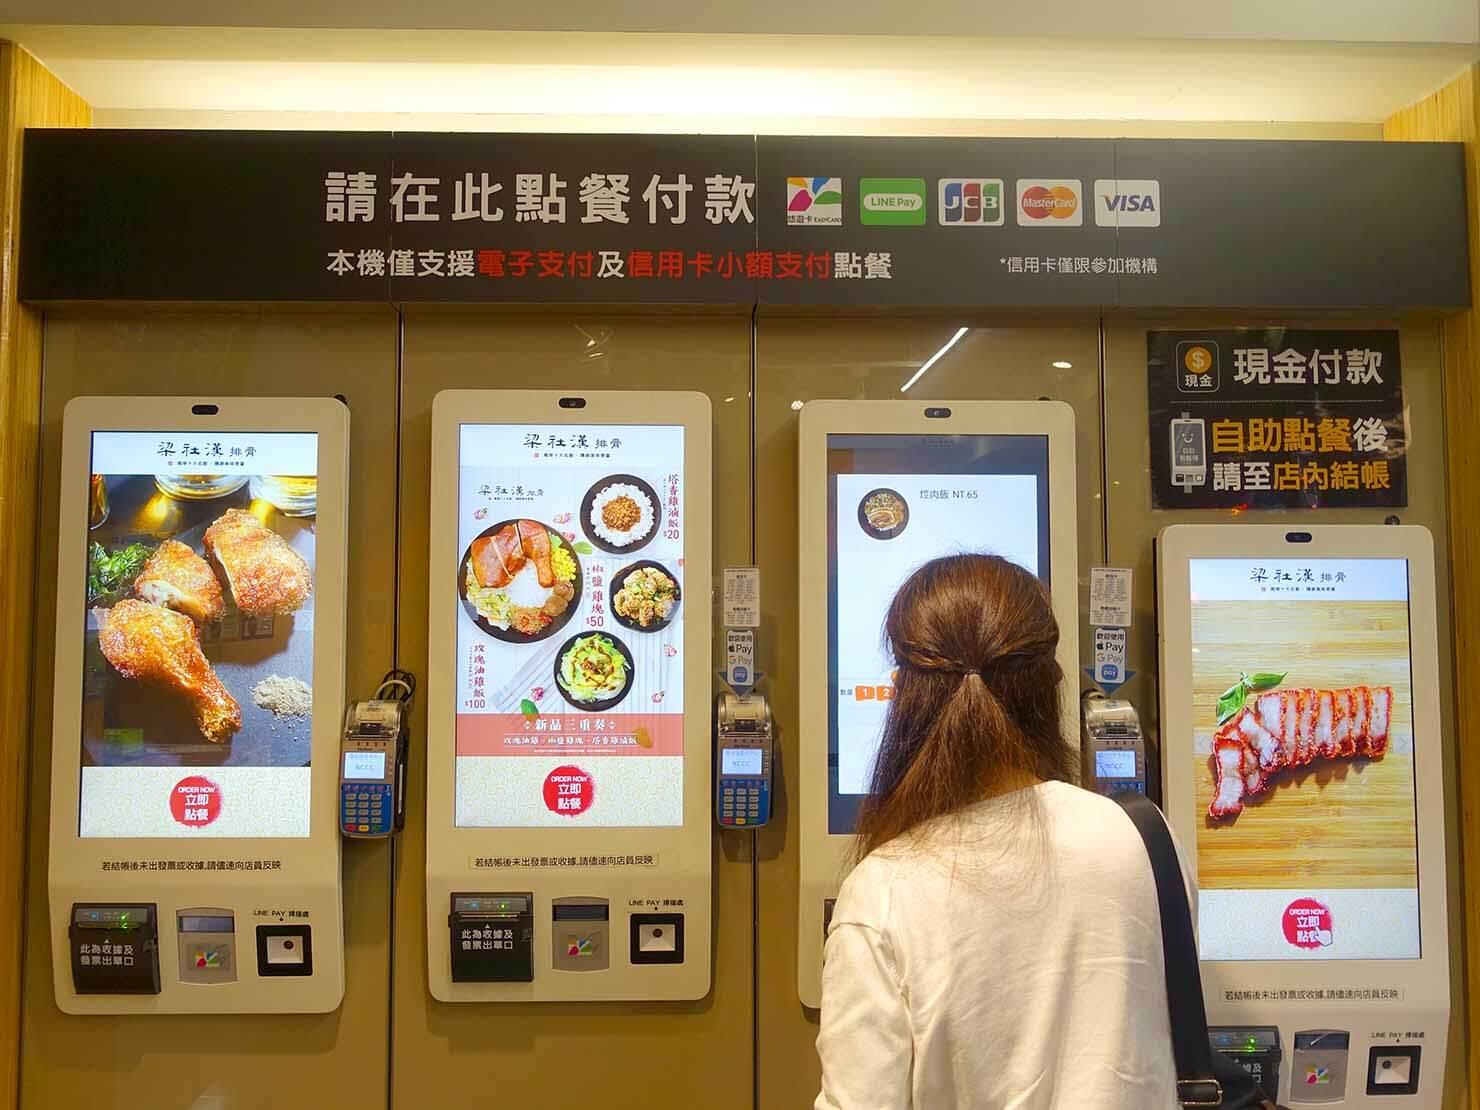 台湾のグルメチェーン店「梁社漢排骨」のオーダーマシン